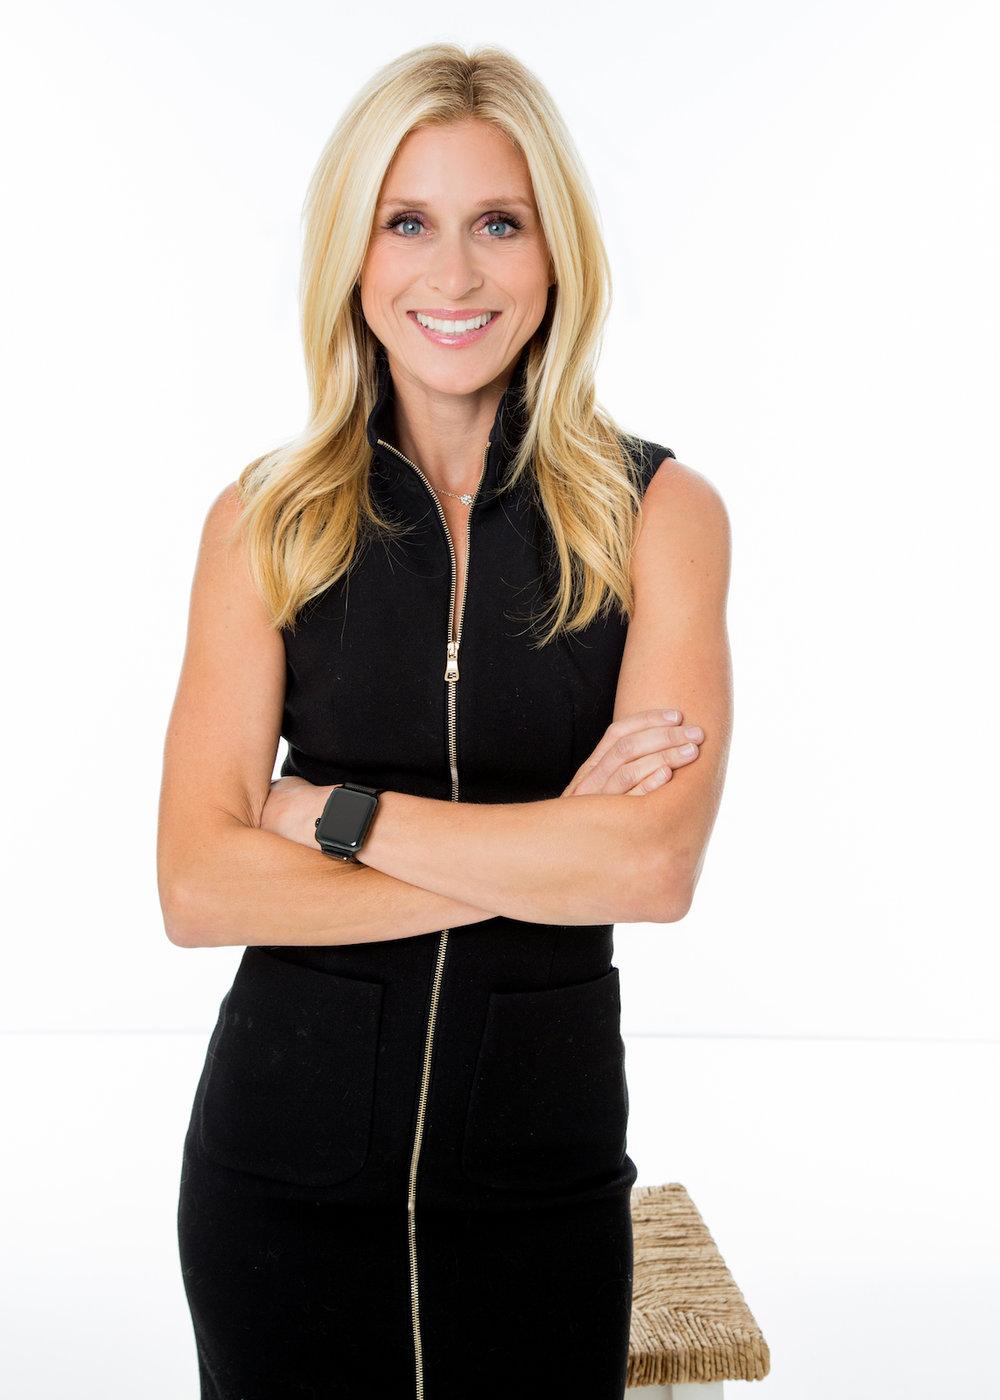 Heather Bauer